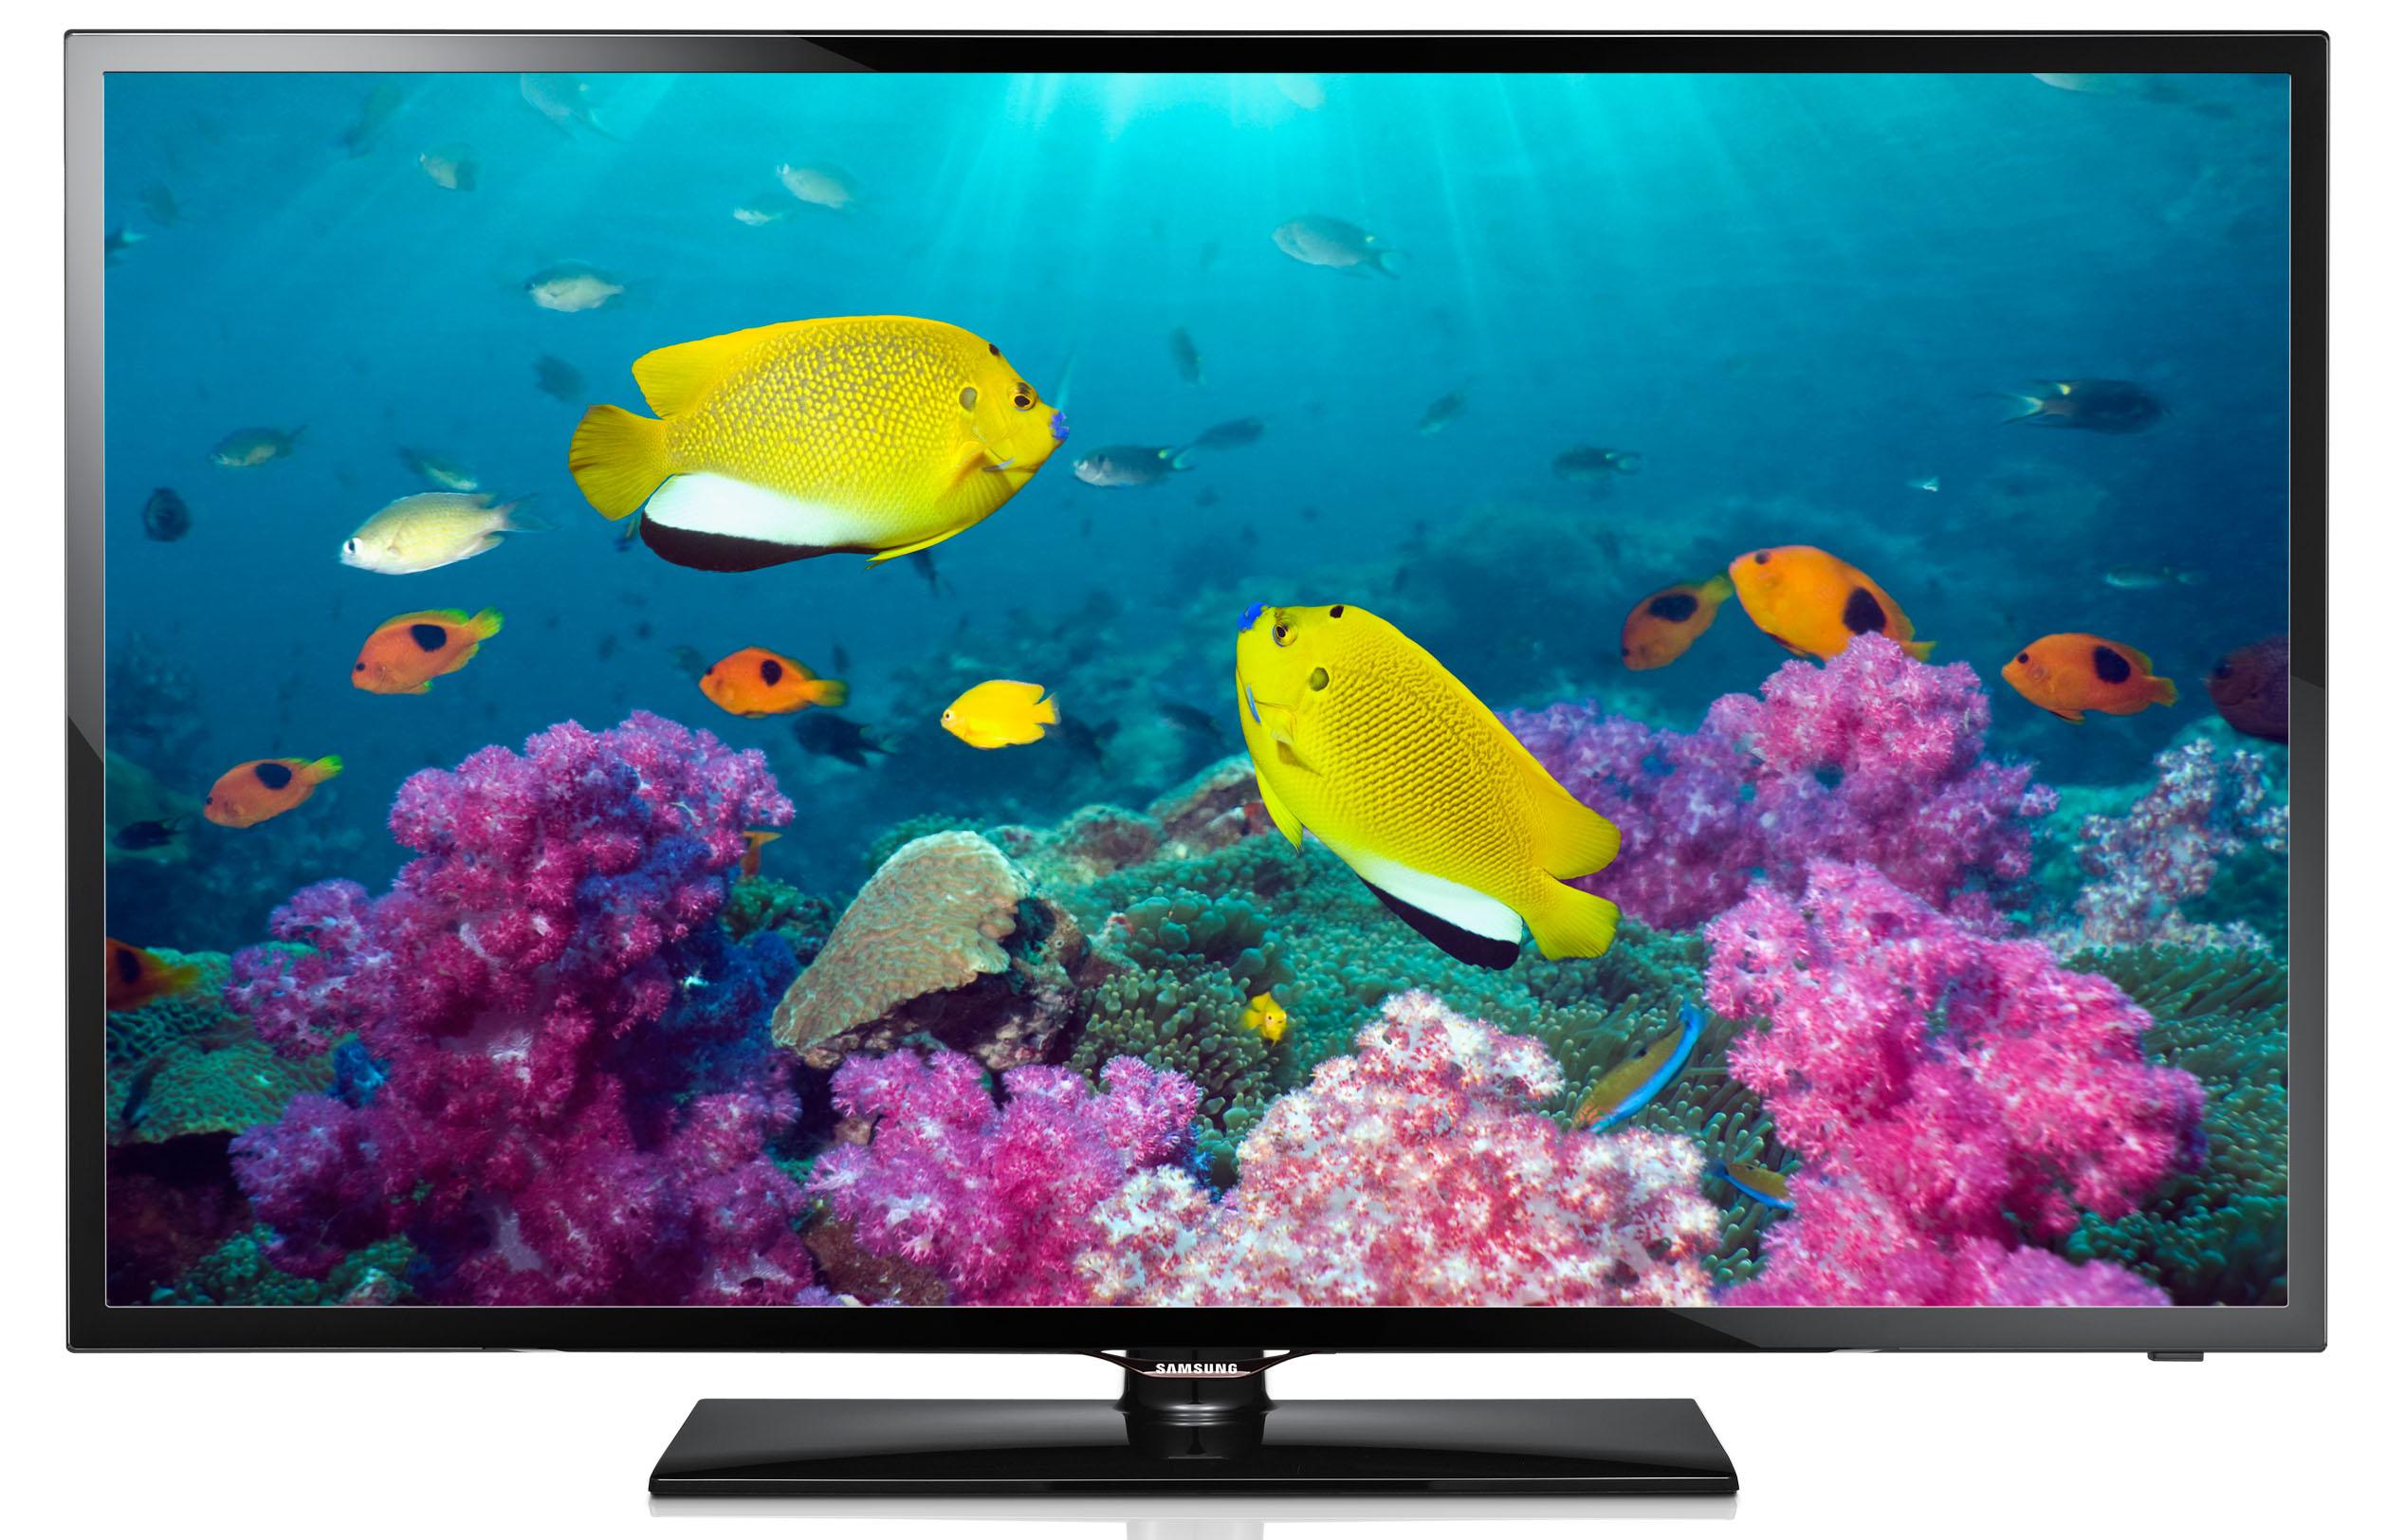 Samsung F5000: TV tầm trung tối ưu hình ảnh